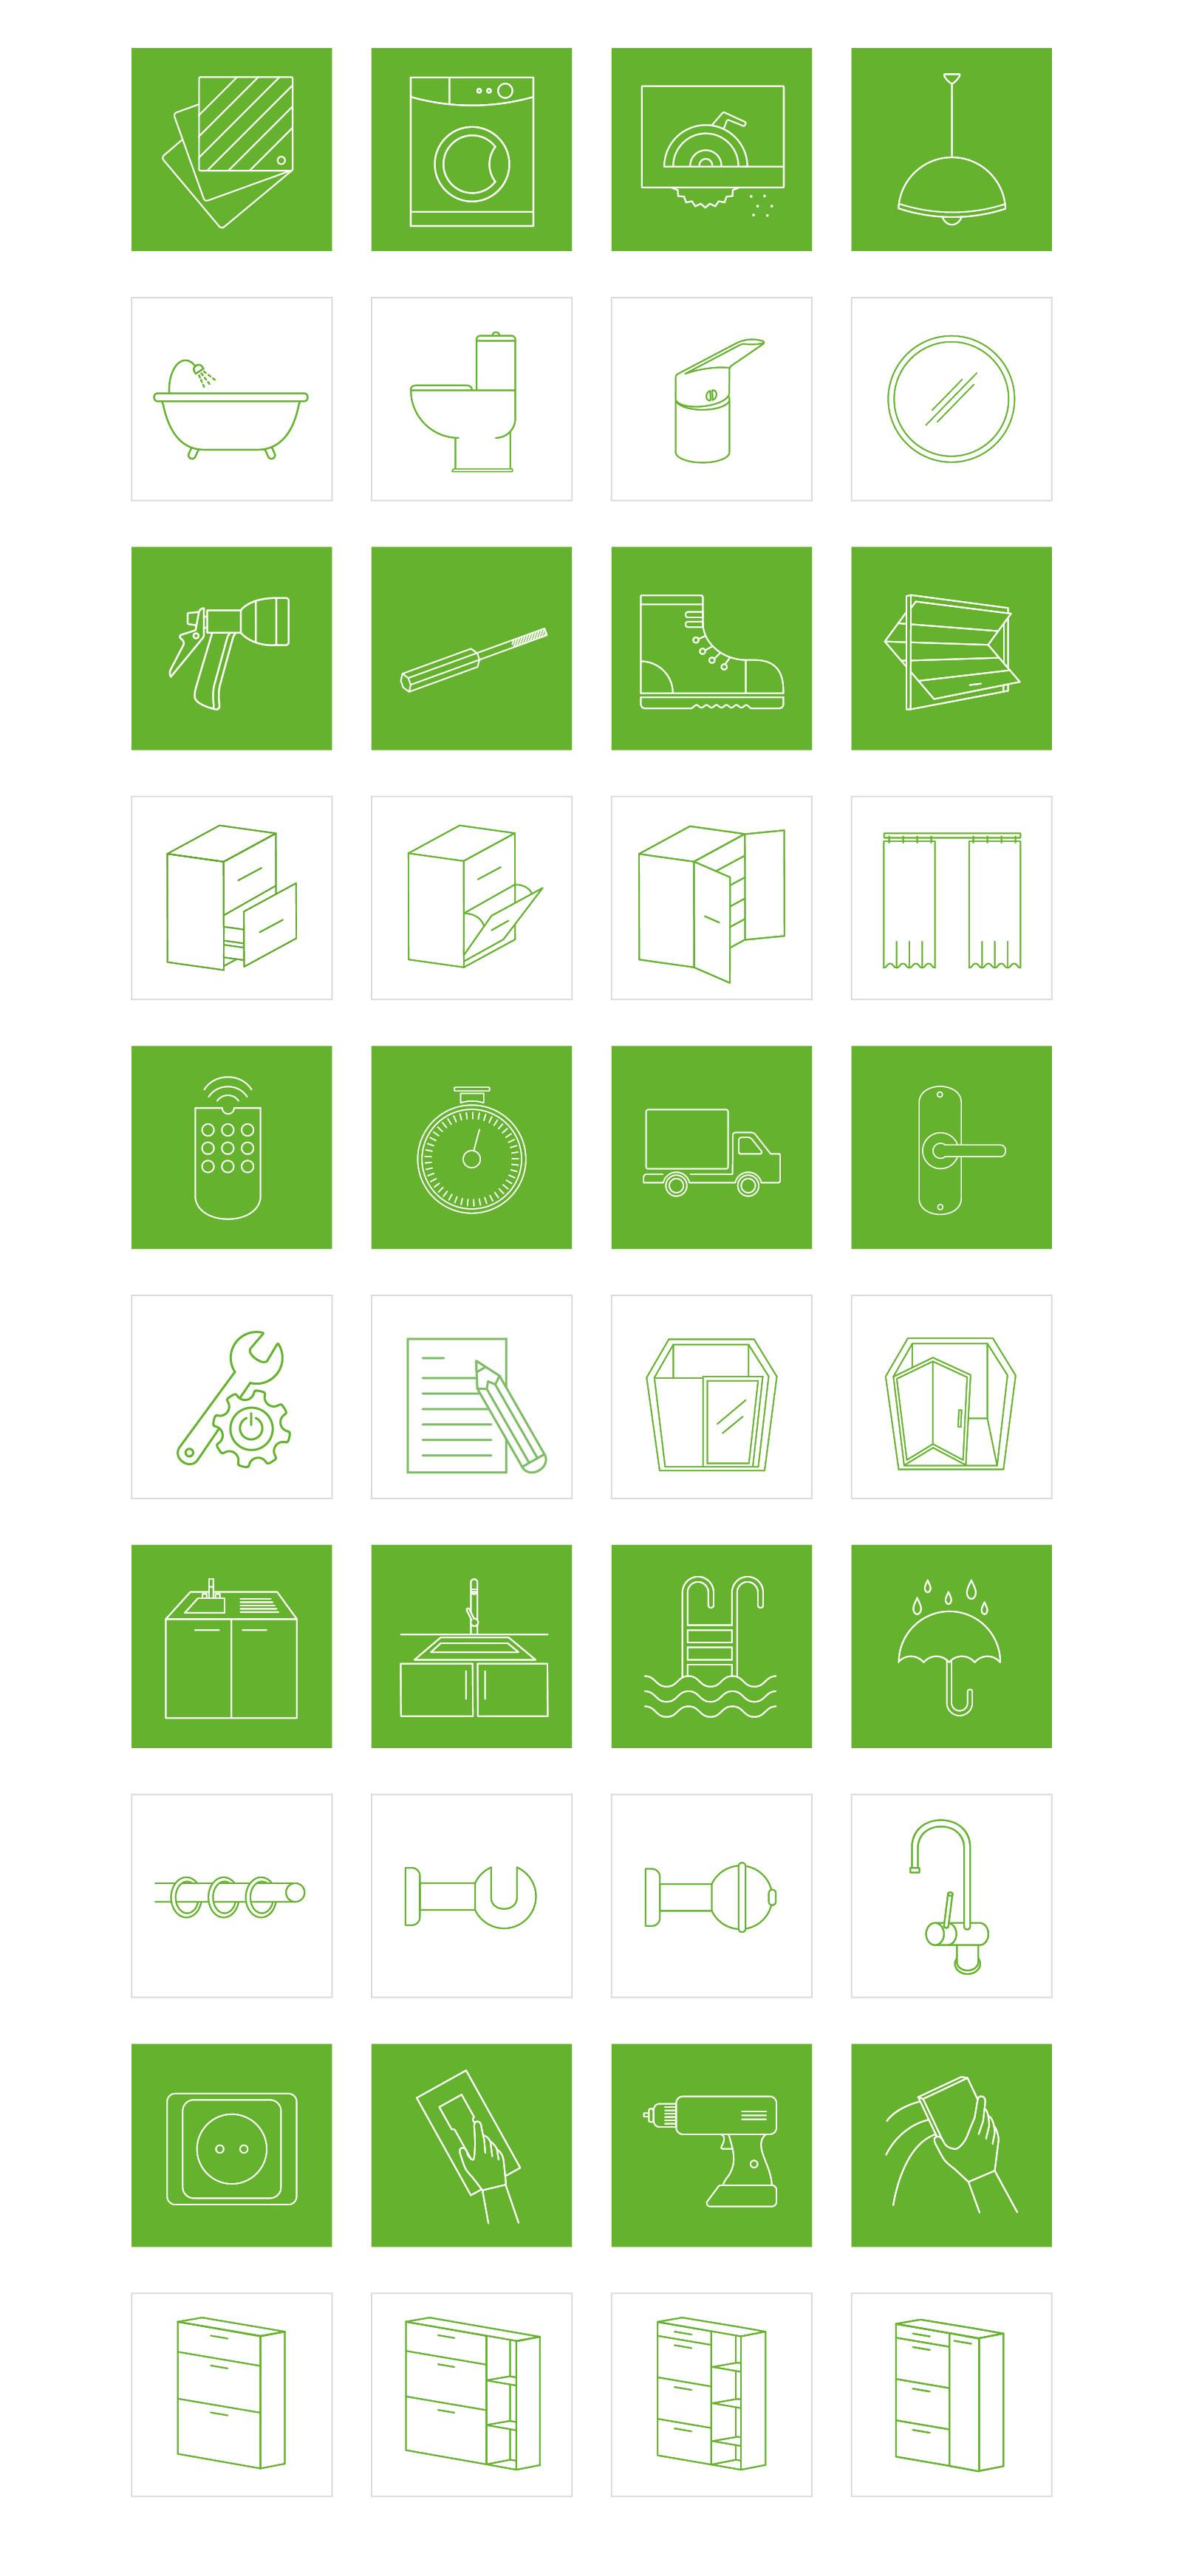 diseño y conceptualización de pictogramas para canales ominmedia, diseño de iconos para Leroy Merlin, icon design